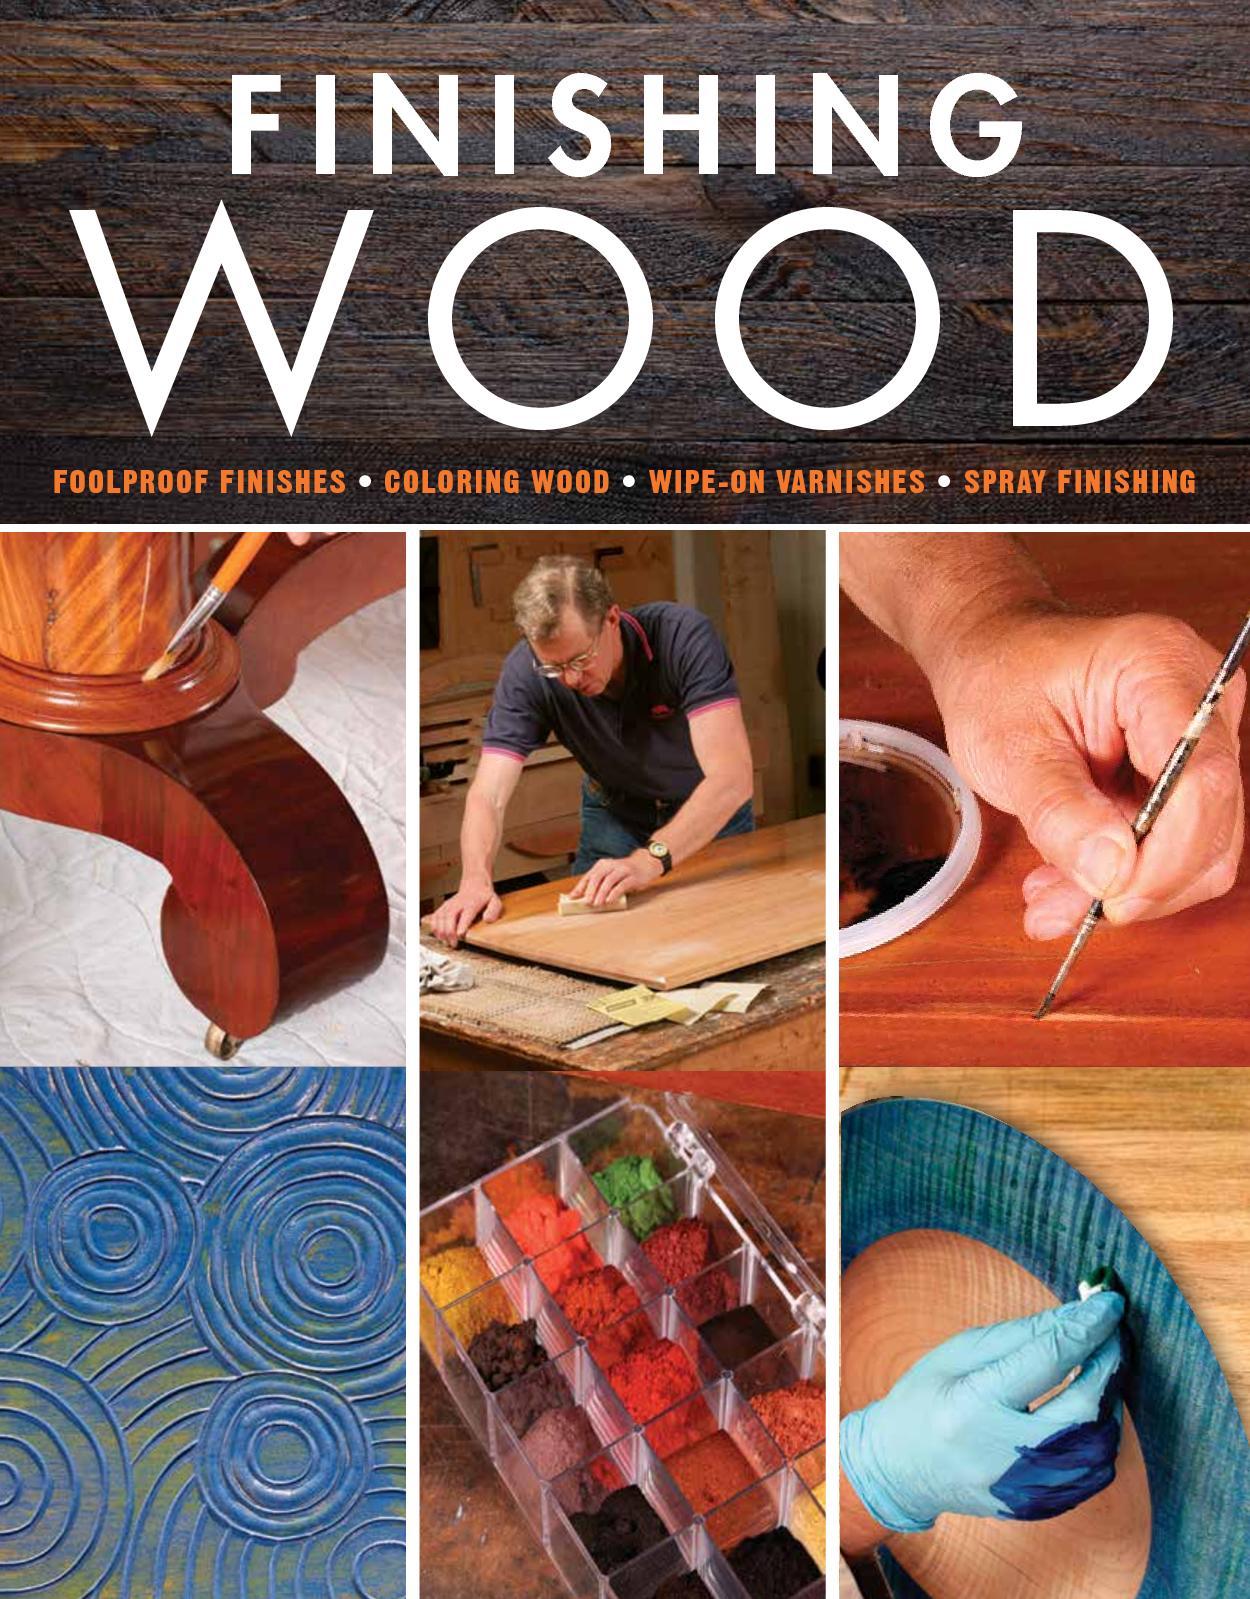 Calaméo - Finishing Wood